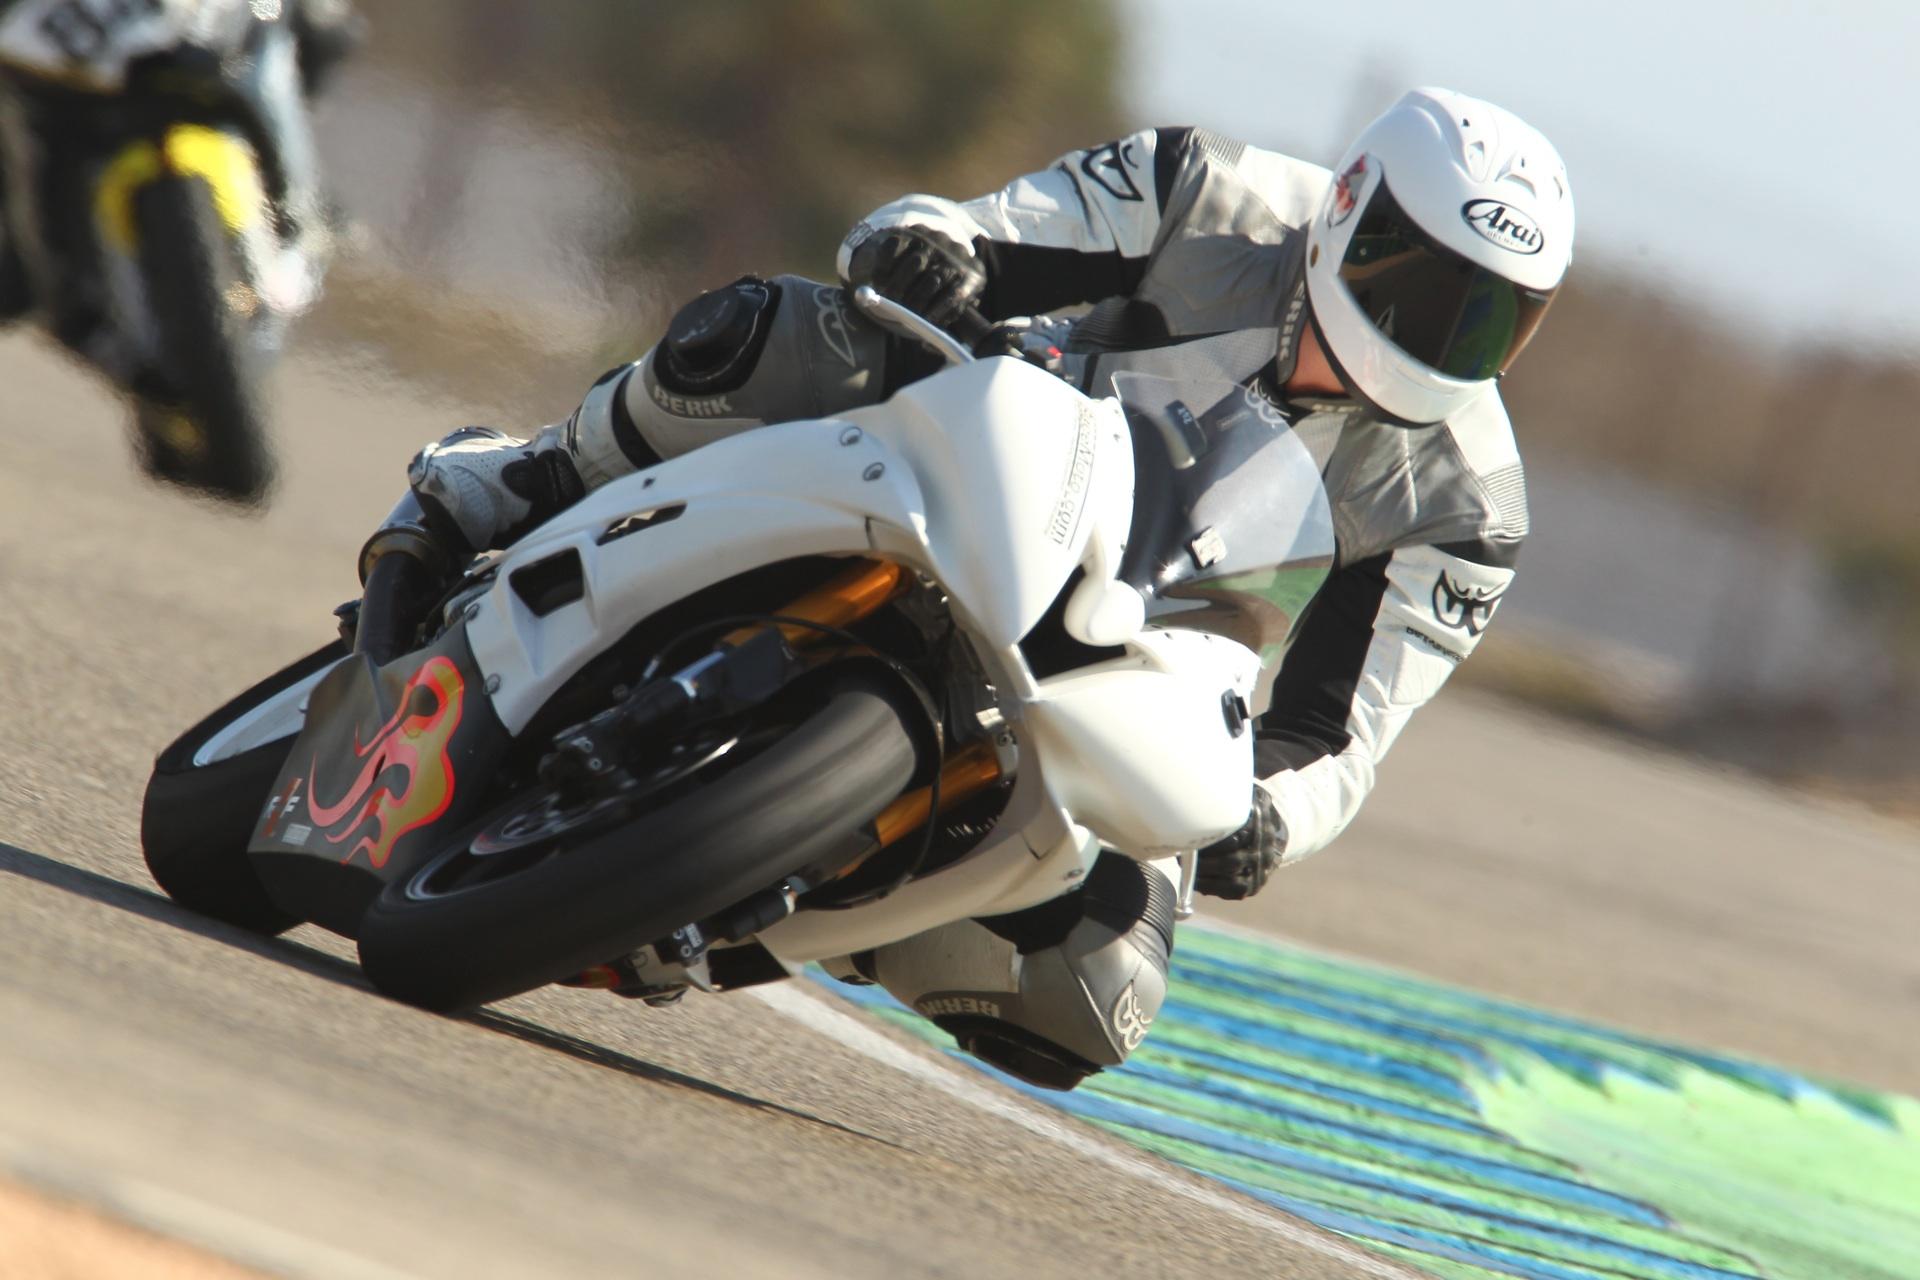 calafat_2012_racemoto_copyright_pixelrace_10